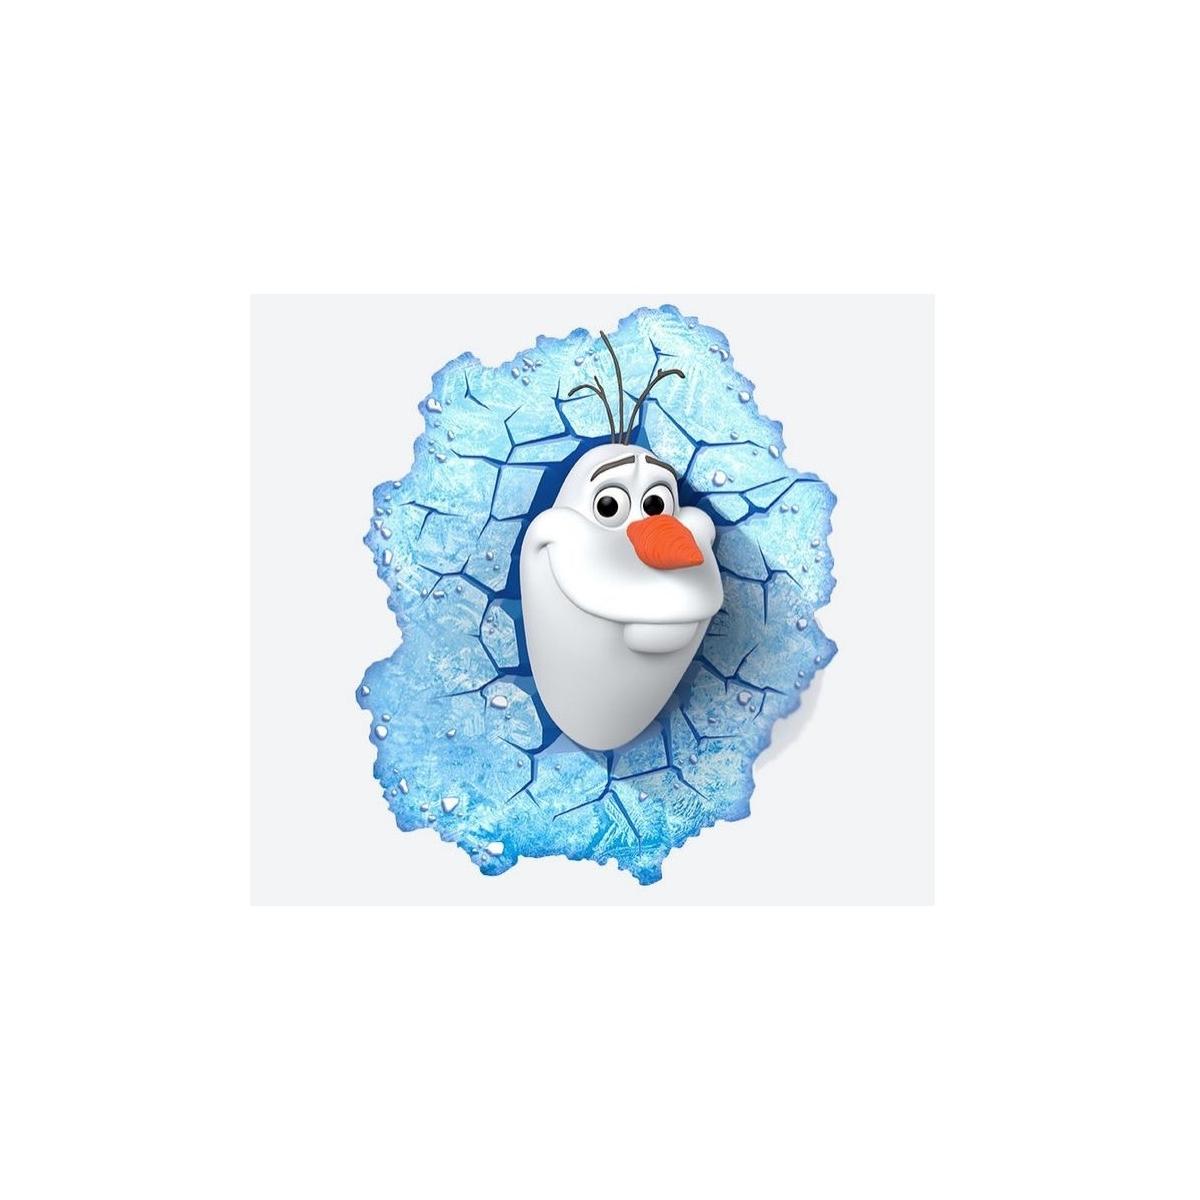 la reine des neiges lampe 3d led olaf figurine discount. Black Bedroom Furniture Sets. Home Design Ideas